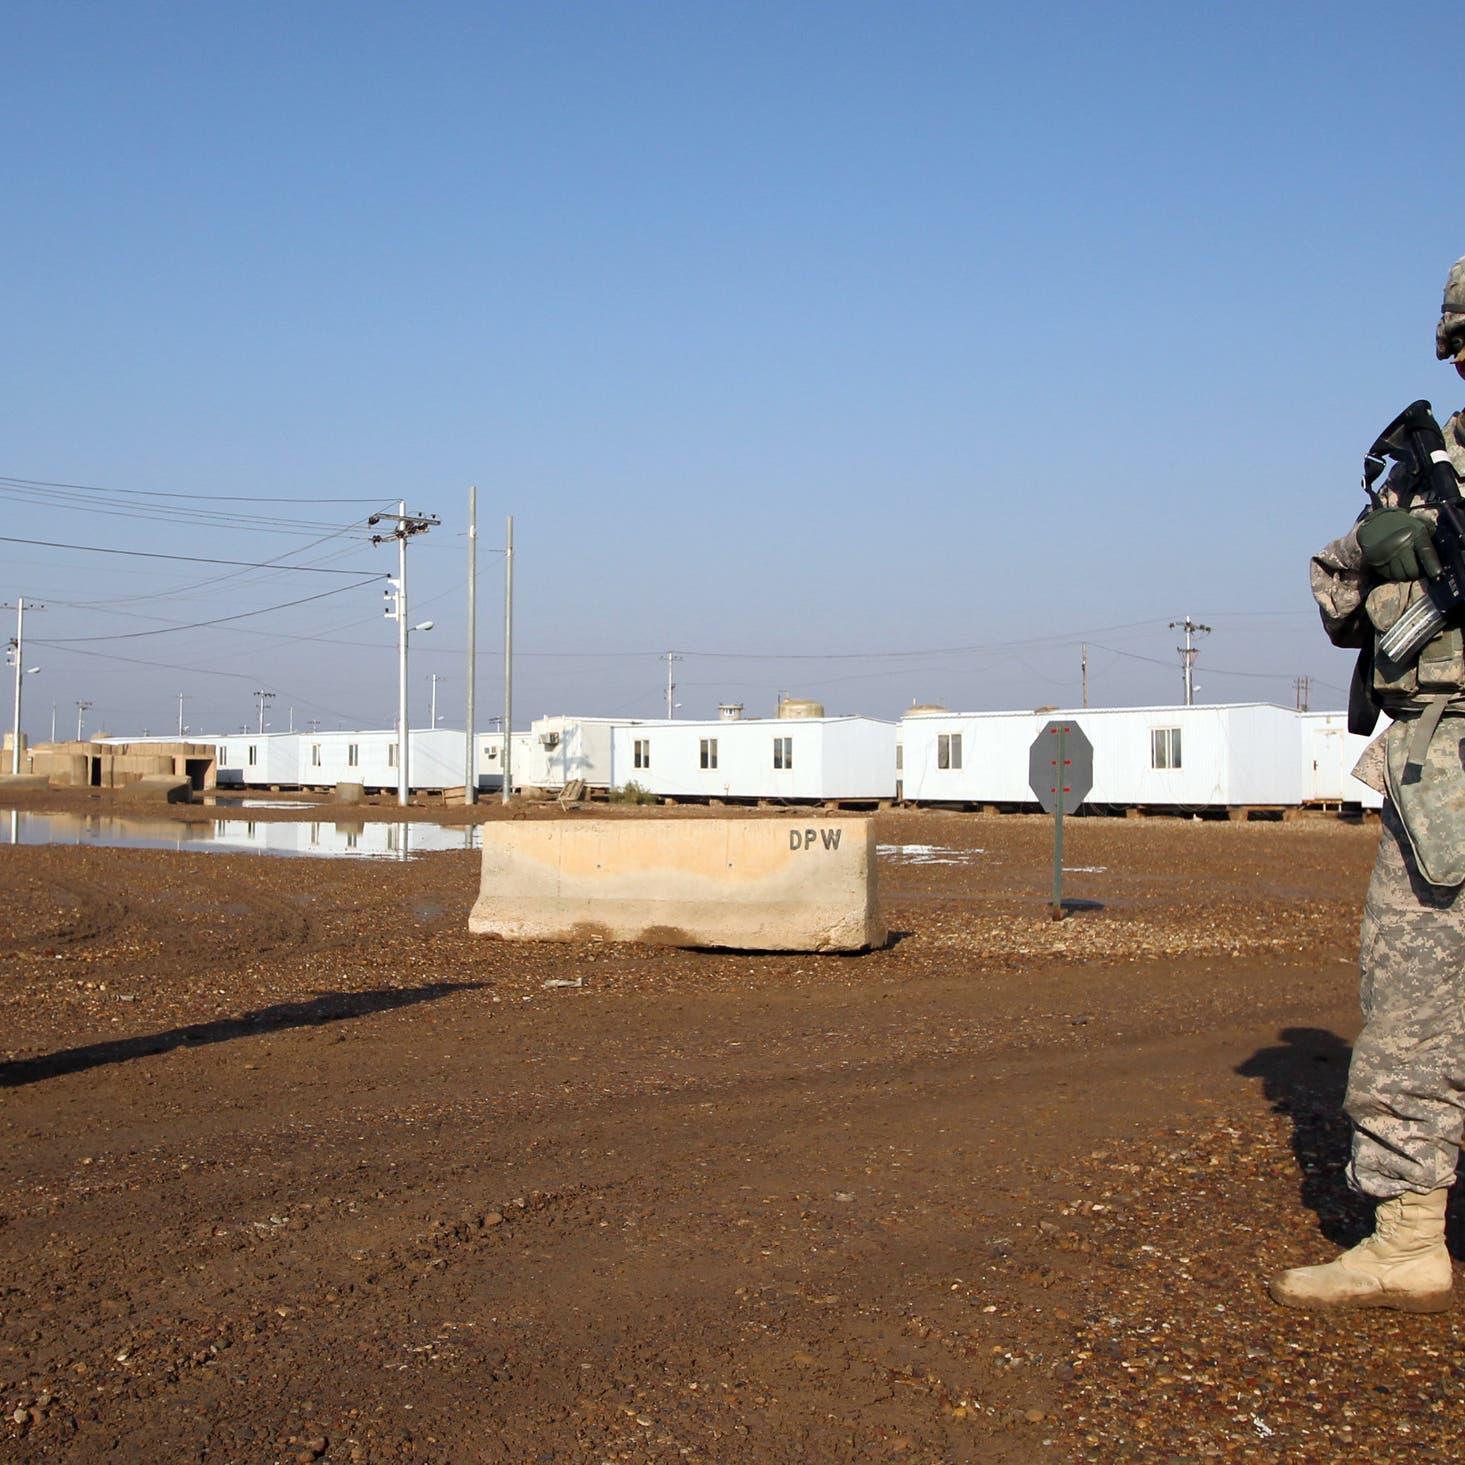 بعد هجوم كركوك.. سيناتور أميركي يدعو لرد عسكري ضد إيران